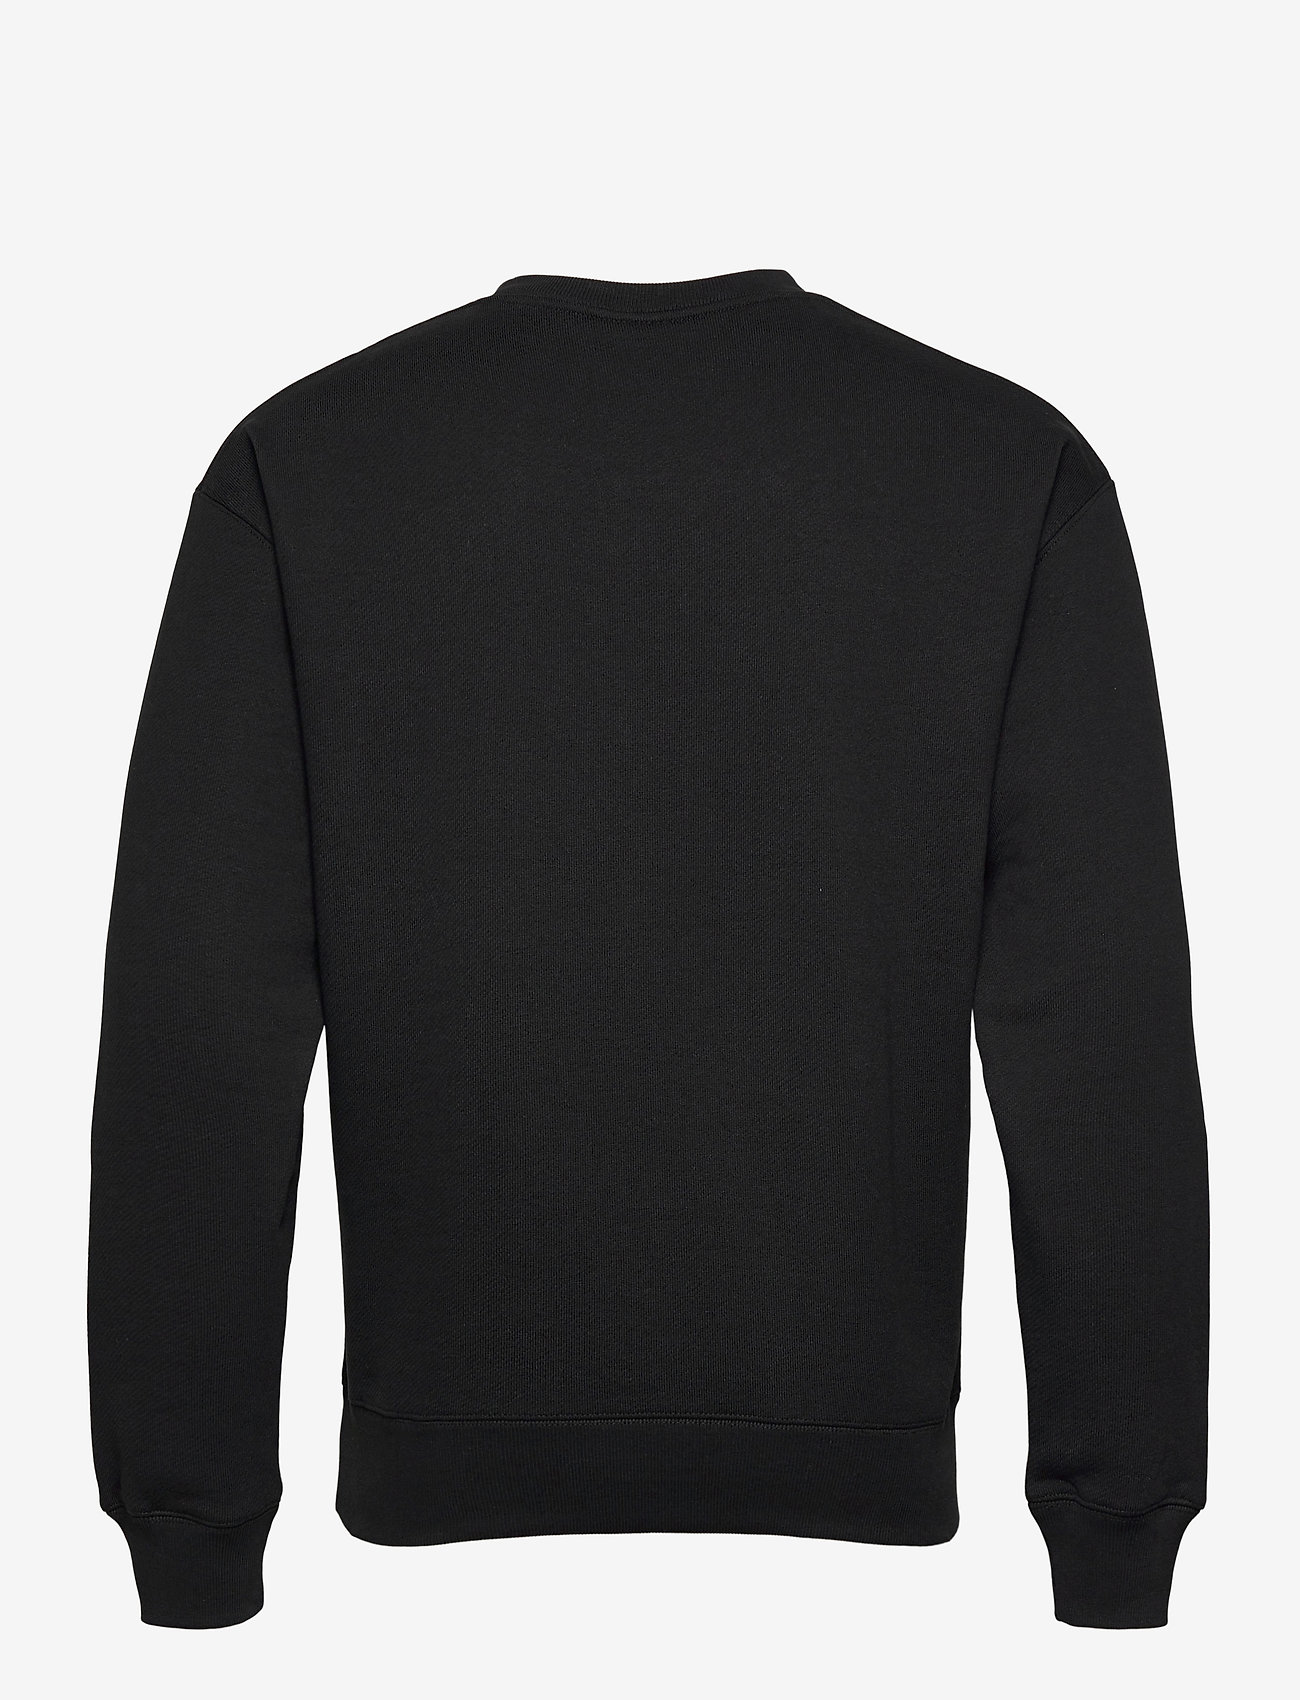 Soulland - Zodiac sweatshirt - sweats - black - 2